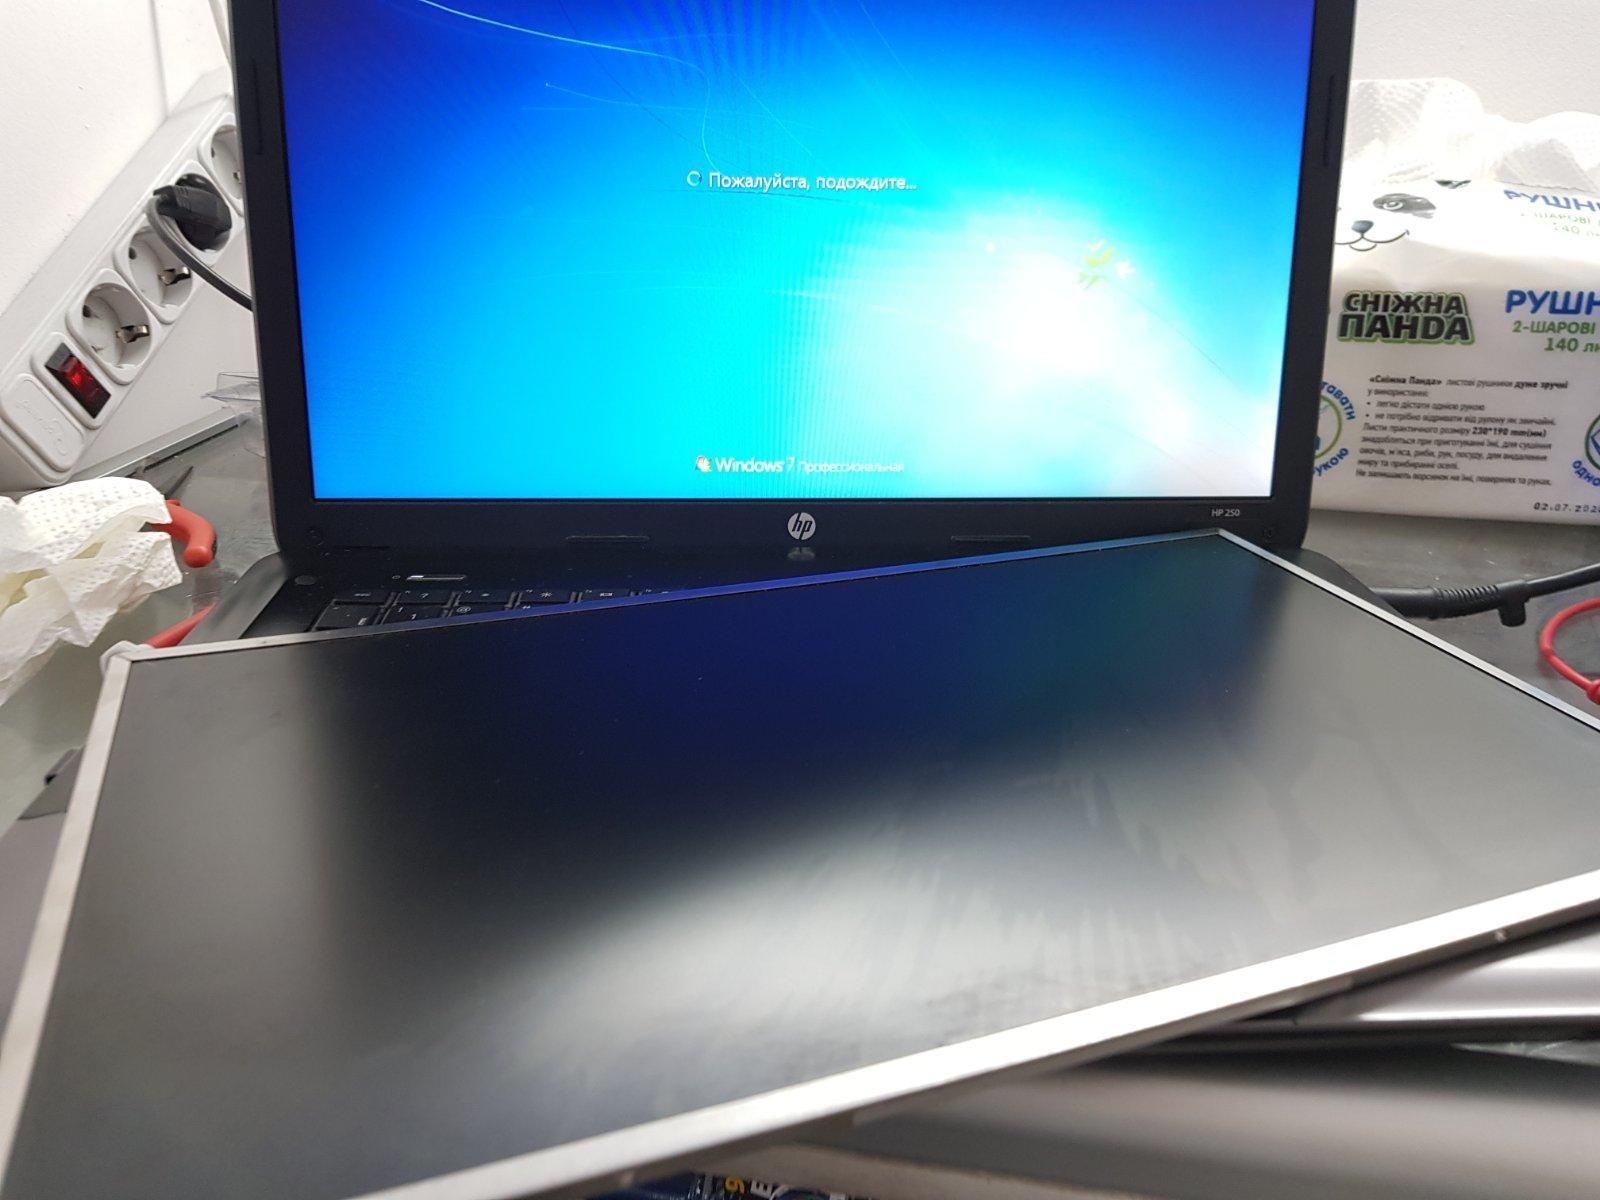 Замена матрицы (экрана) в ноутбуке HP 250 G1